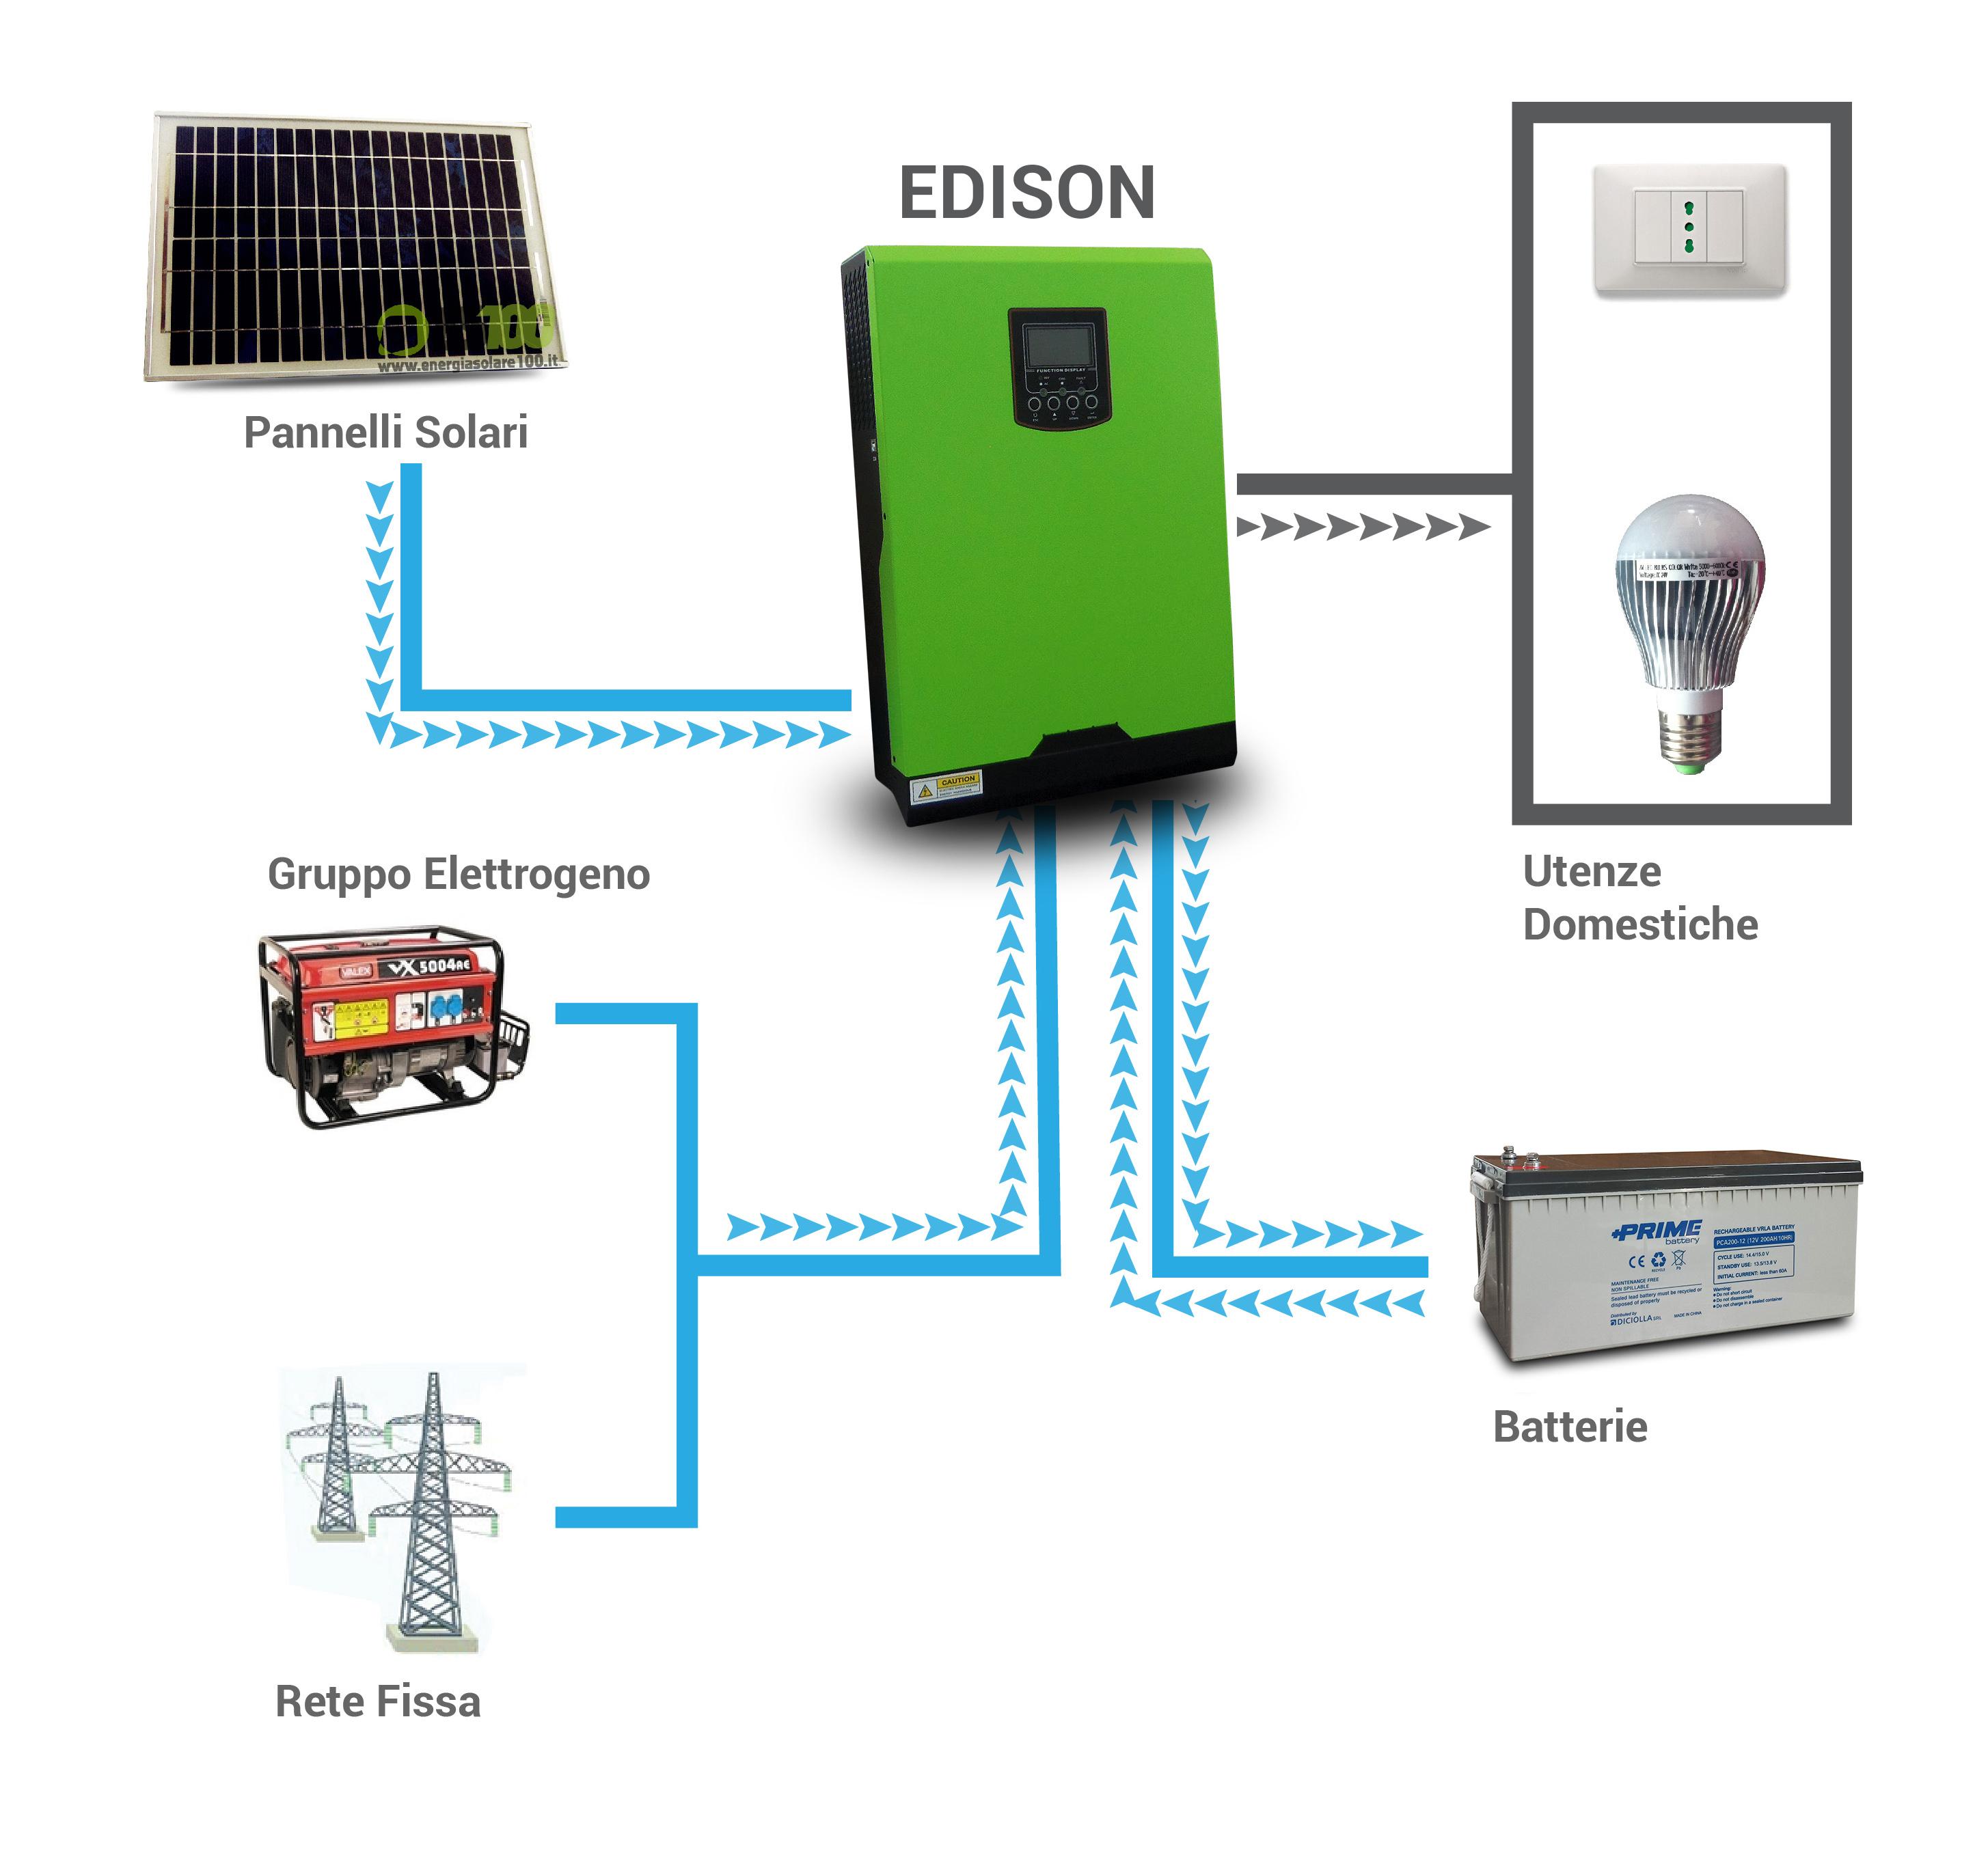 Schema Elettrico Quadro Di Commutazione Rete Gruppo : Un impianto con commutazione automatica da rete a